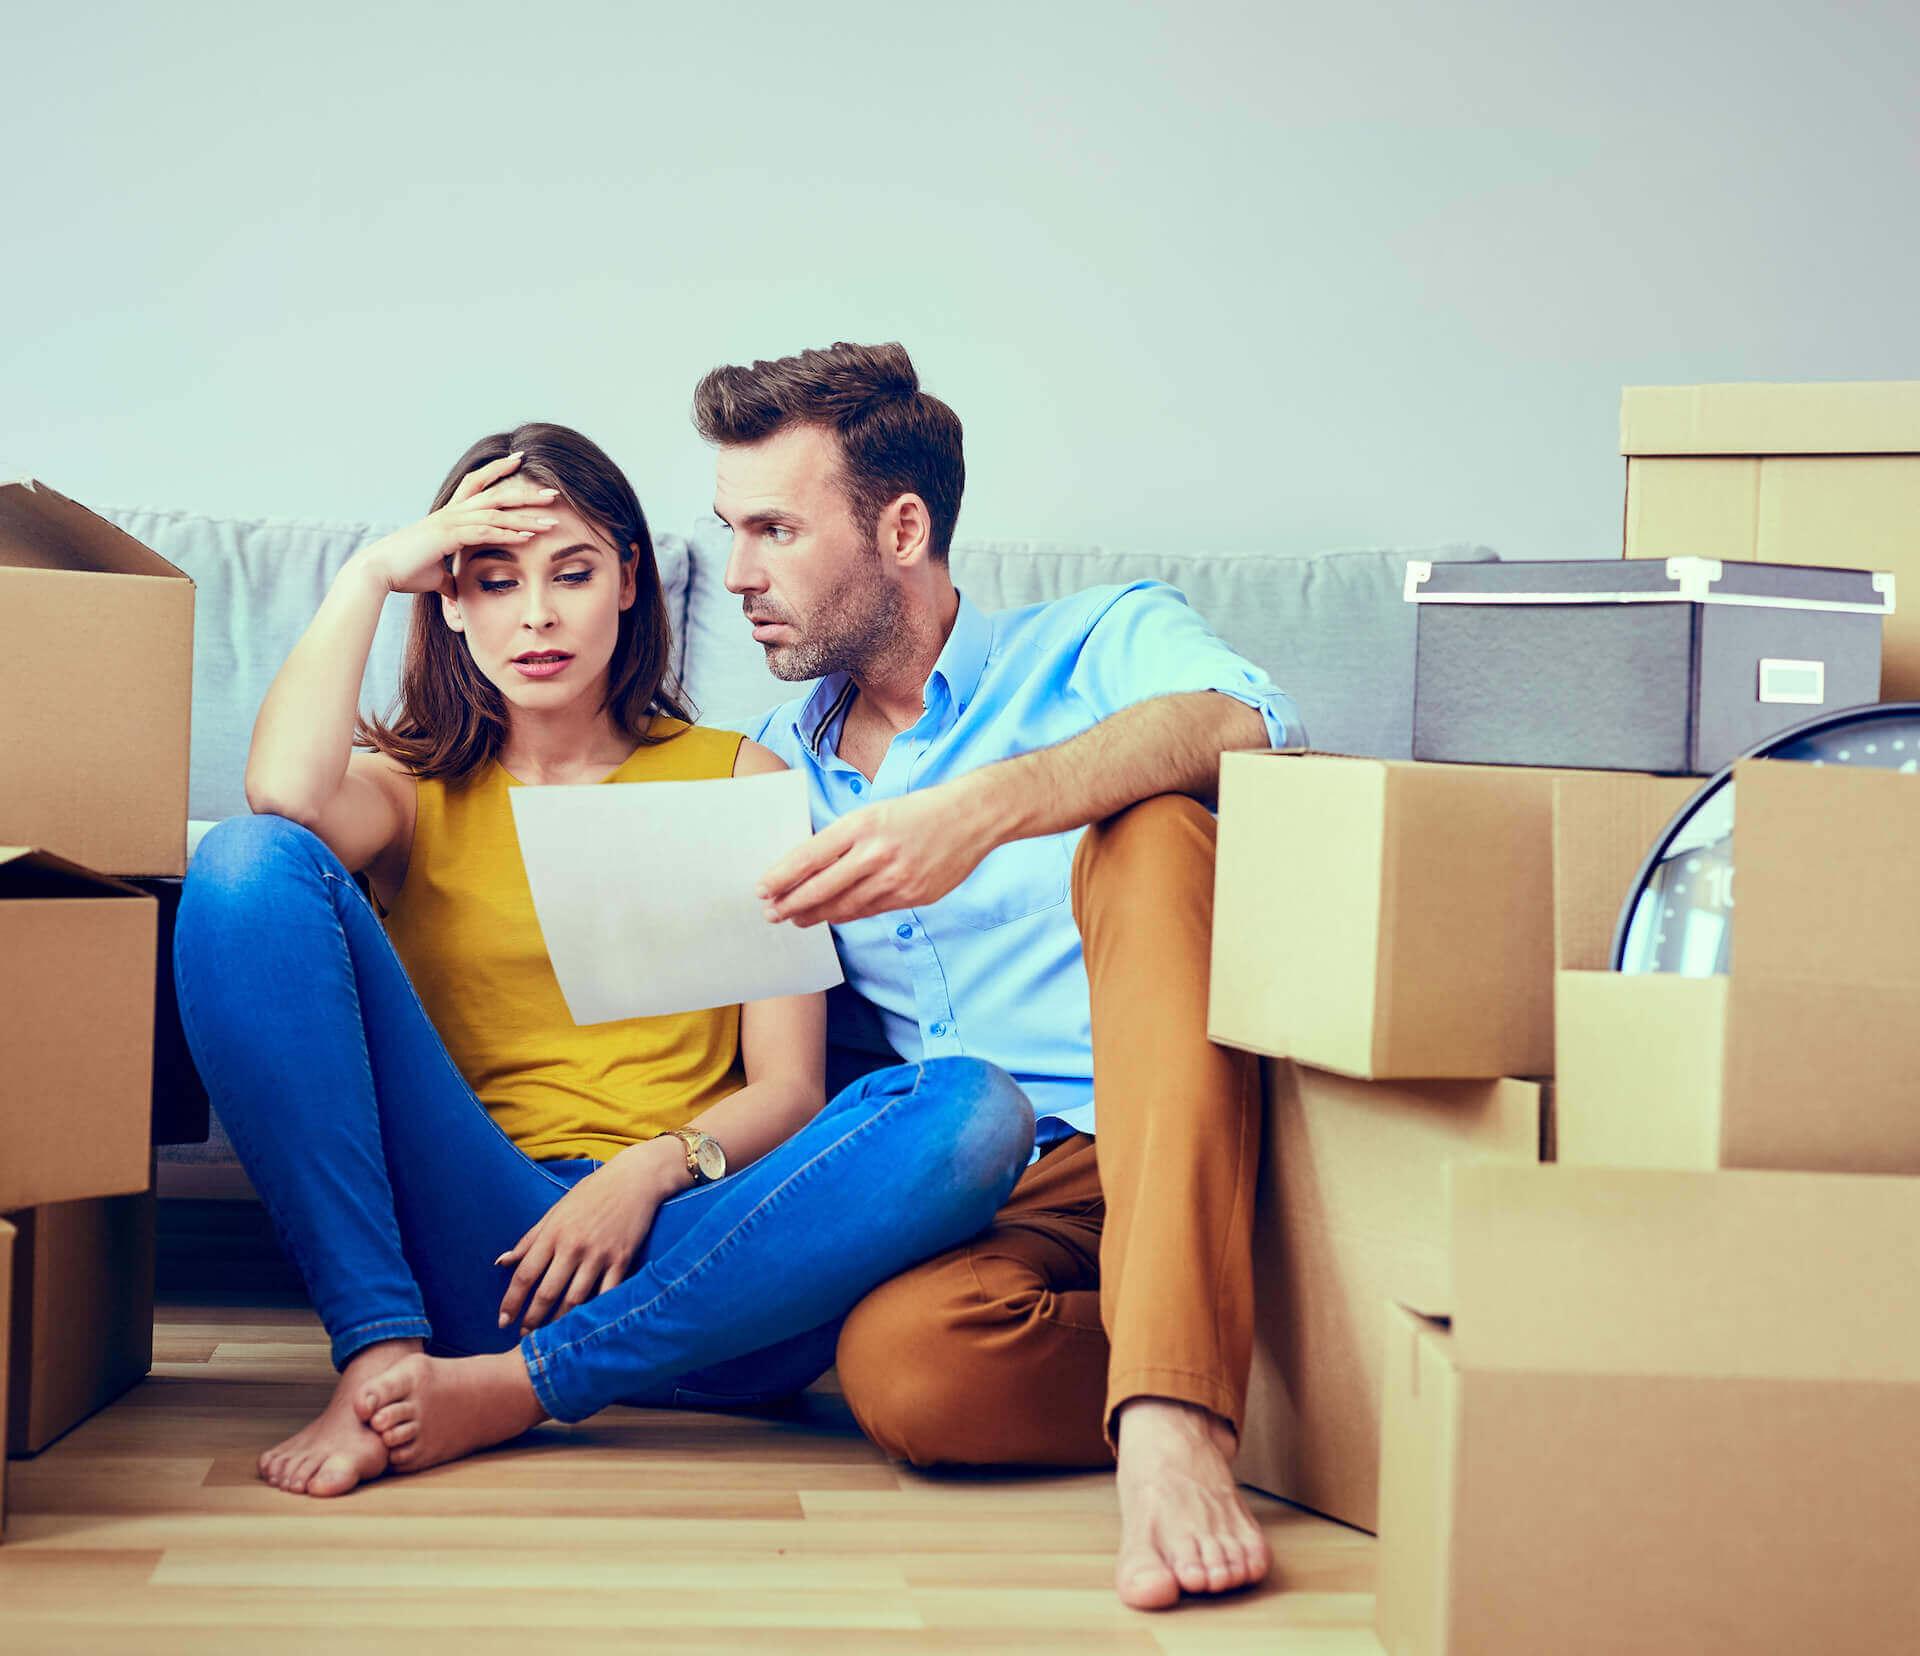 Il contratto di trasloco: come è fatto e cosa prevede